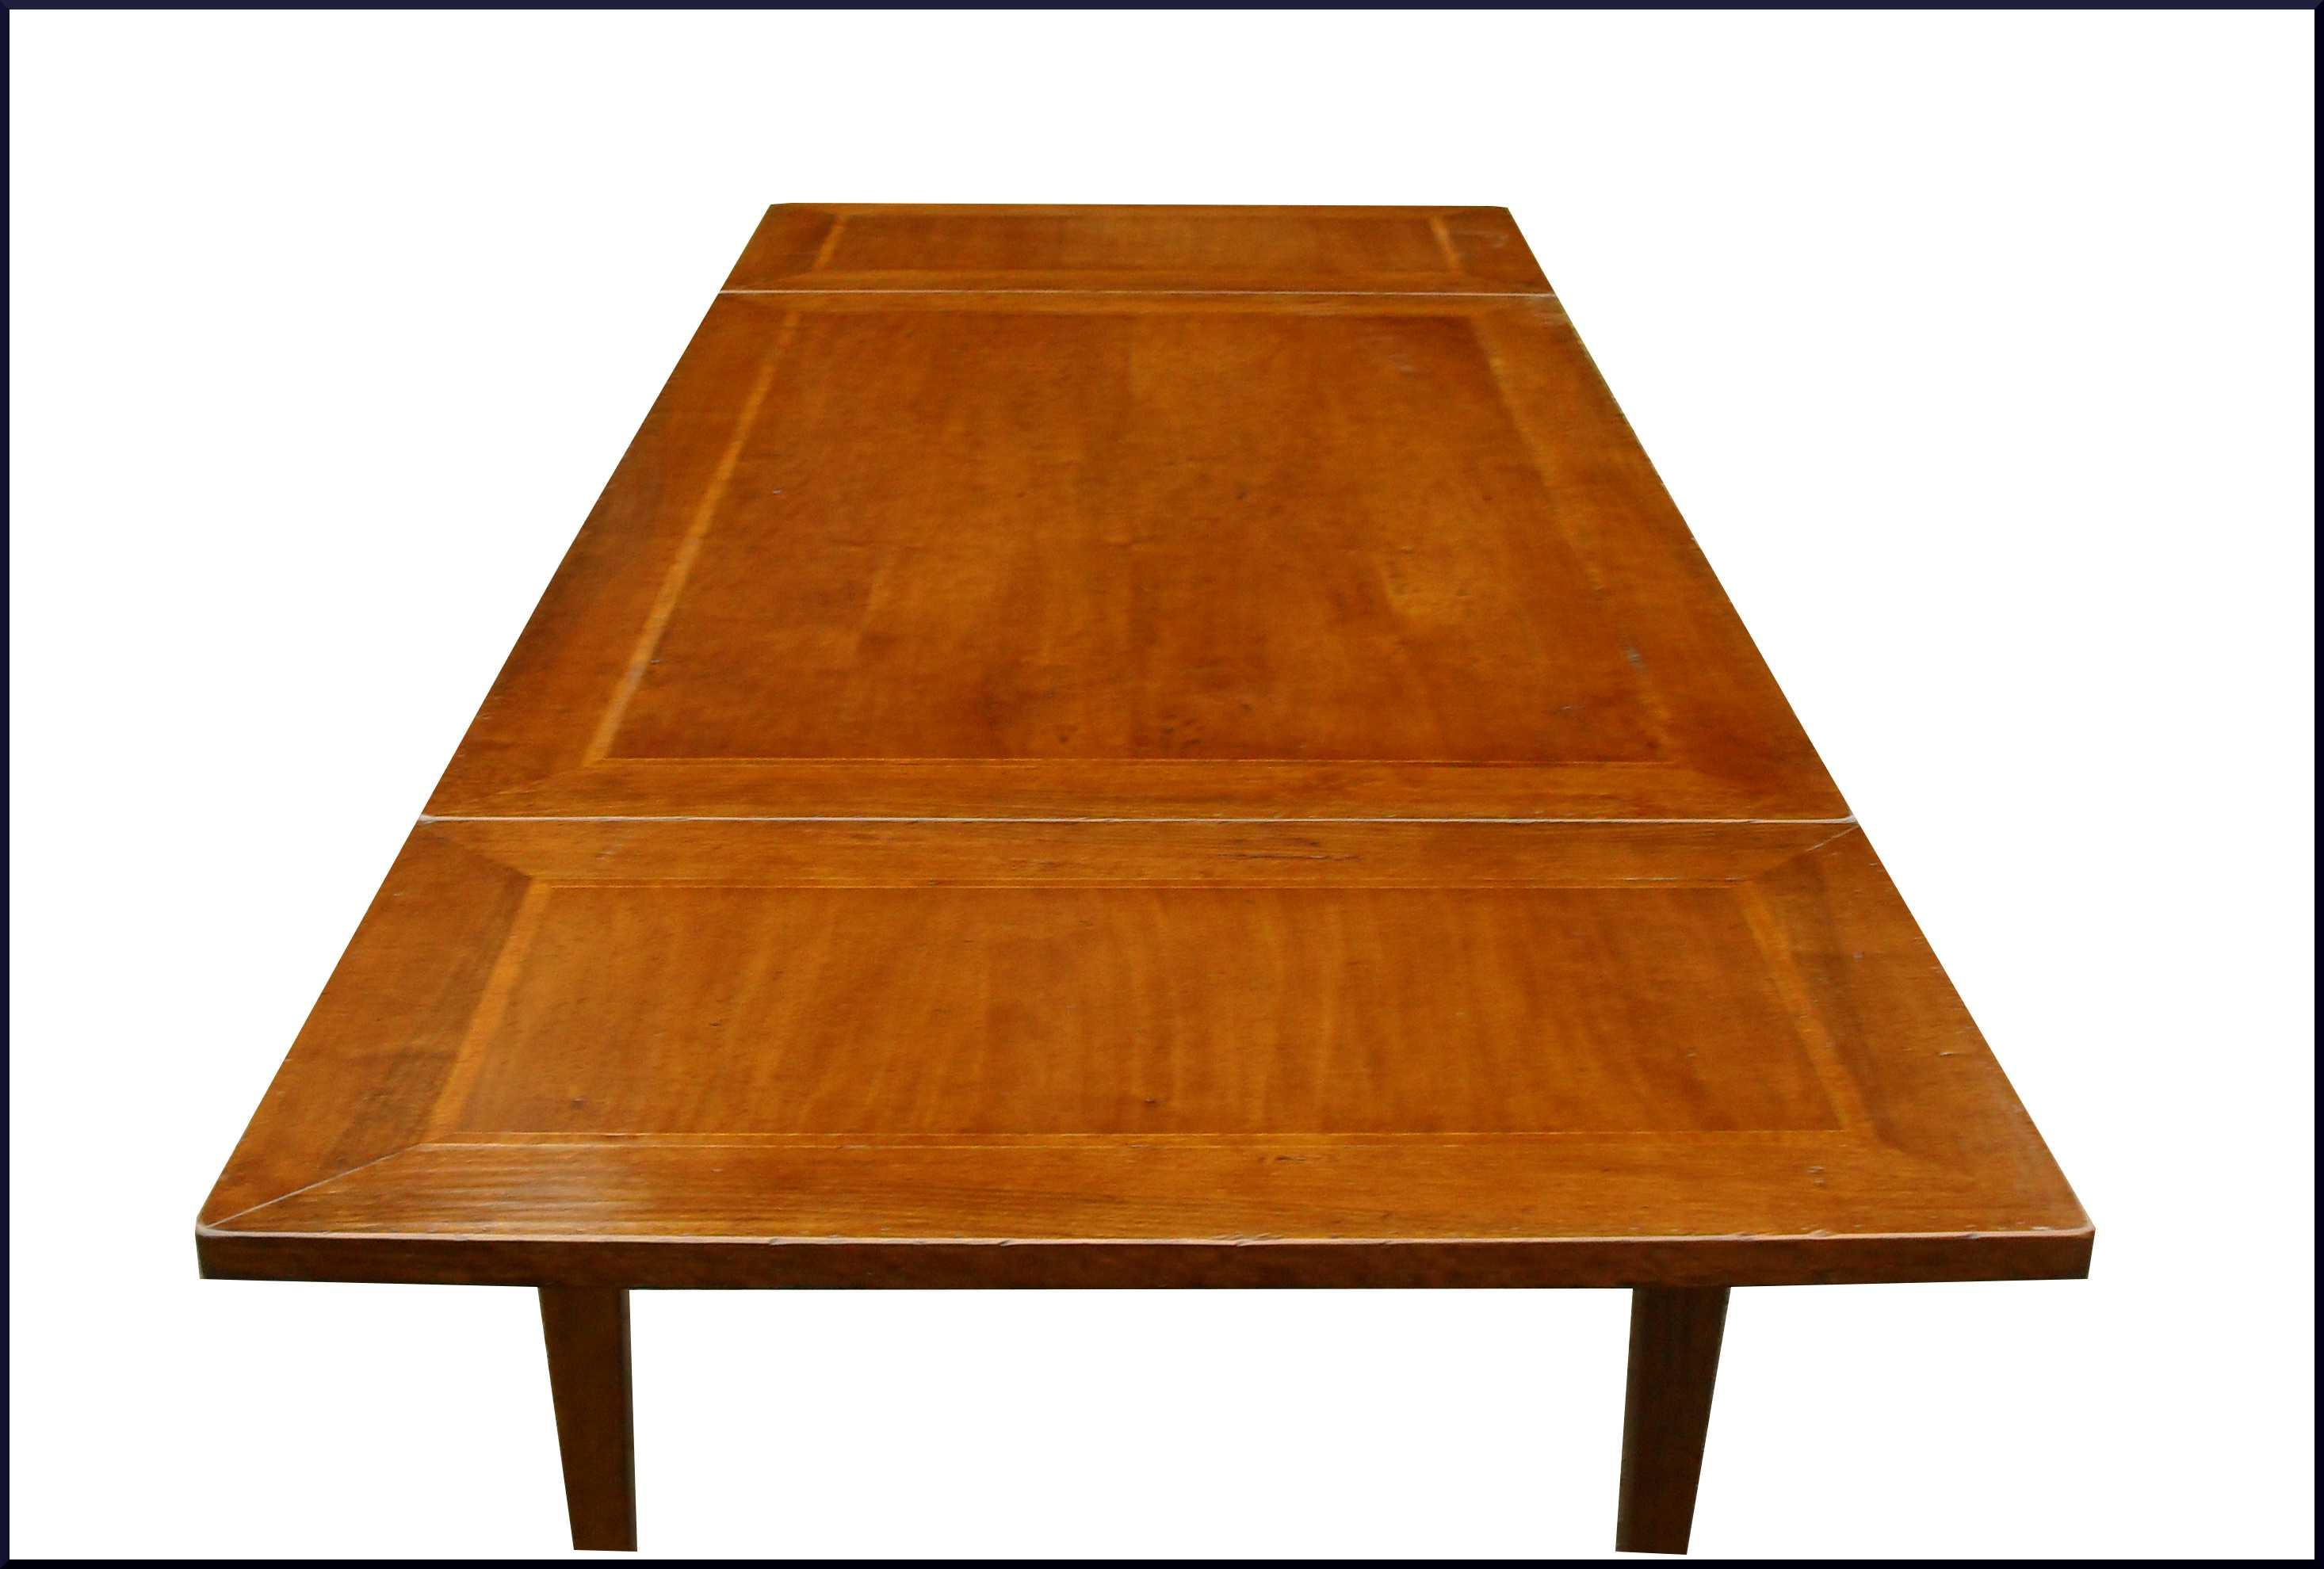 Tavolo a scatto artigianale classico su misura la commode di davide corno - Piano tavolo su misura ...